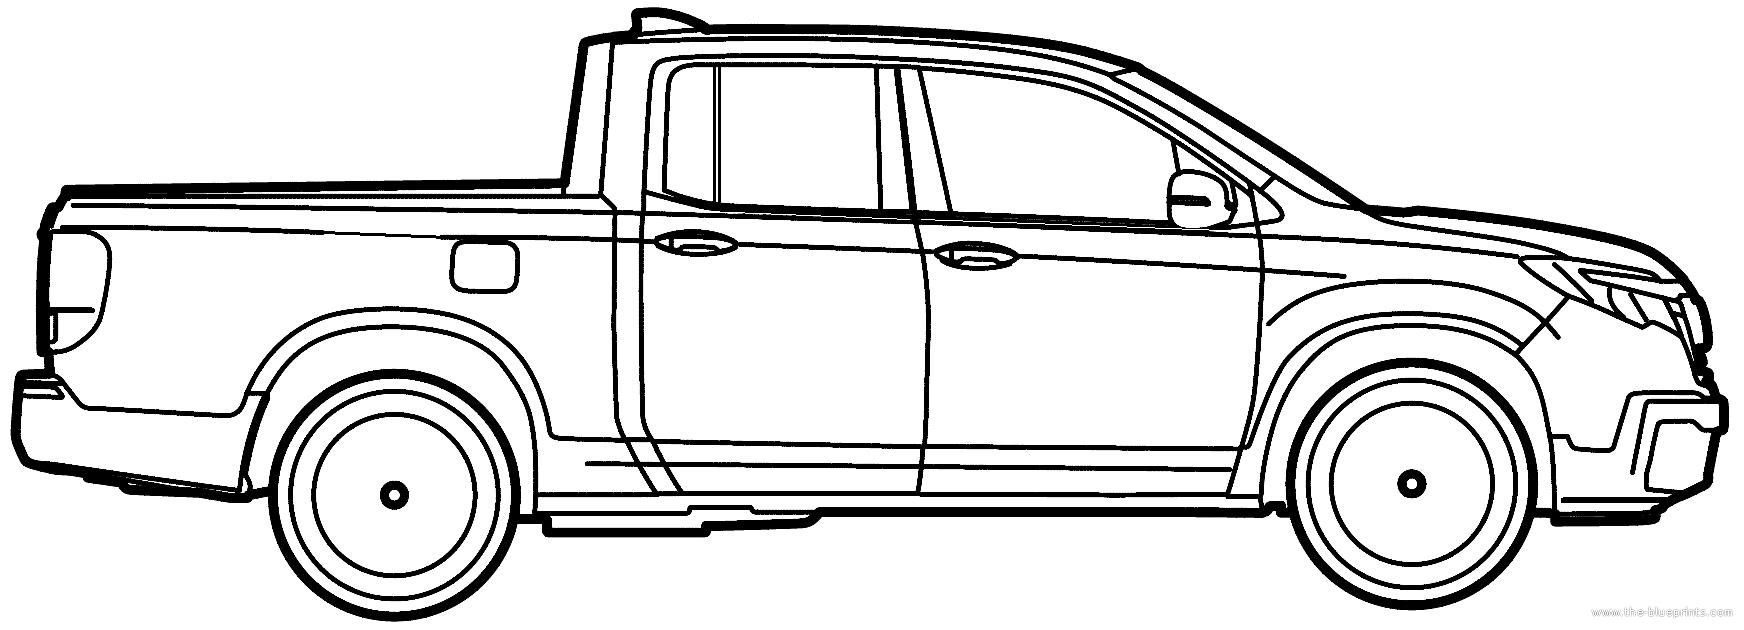 blueprints  u0026gt  cars  u0026gt  honda  u0026gt  honda ridgeline  2017